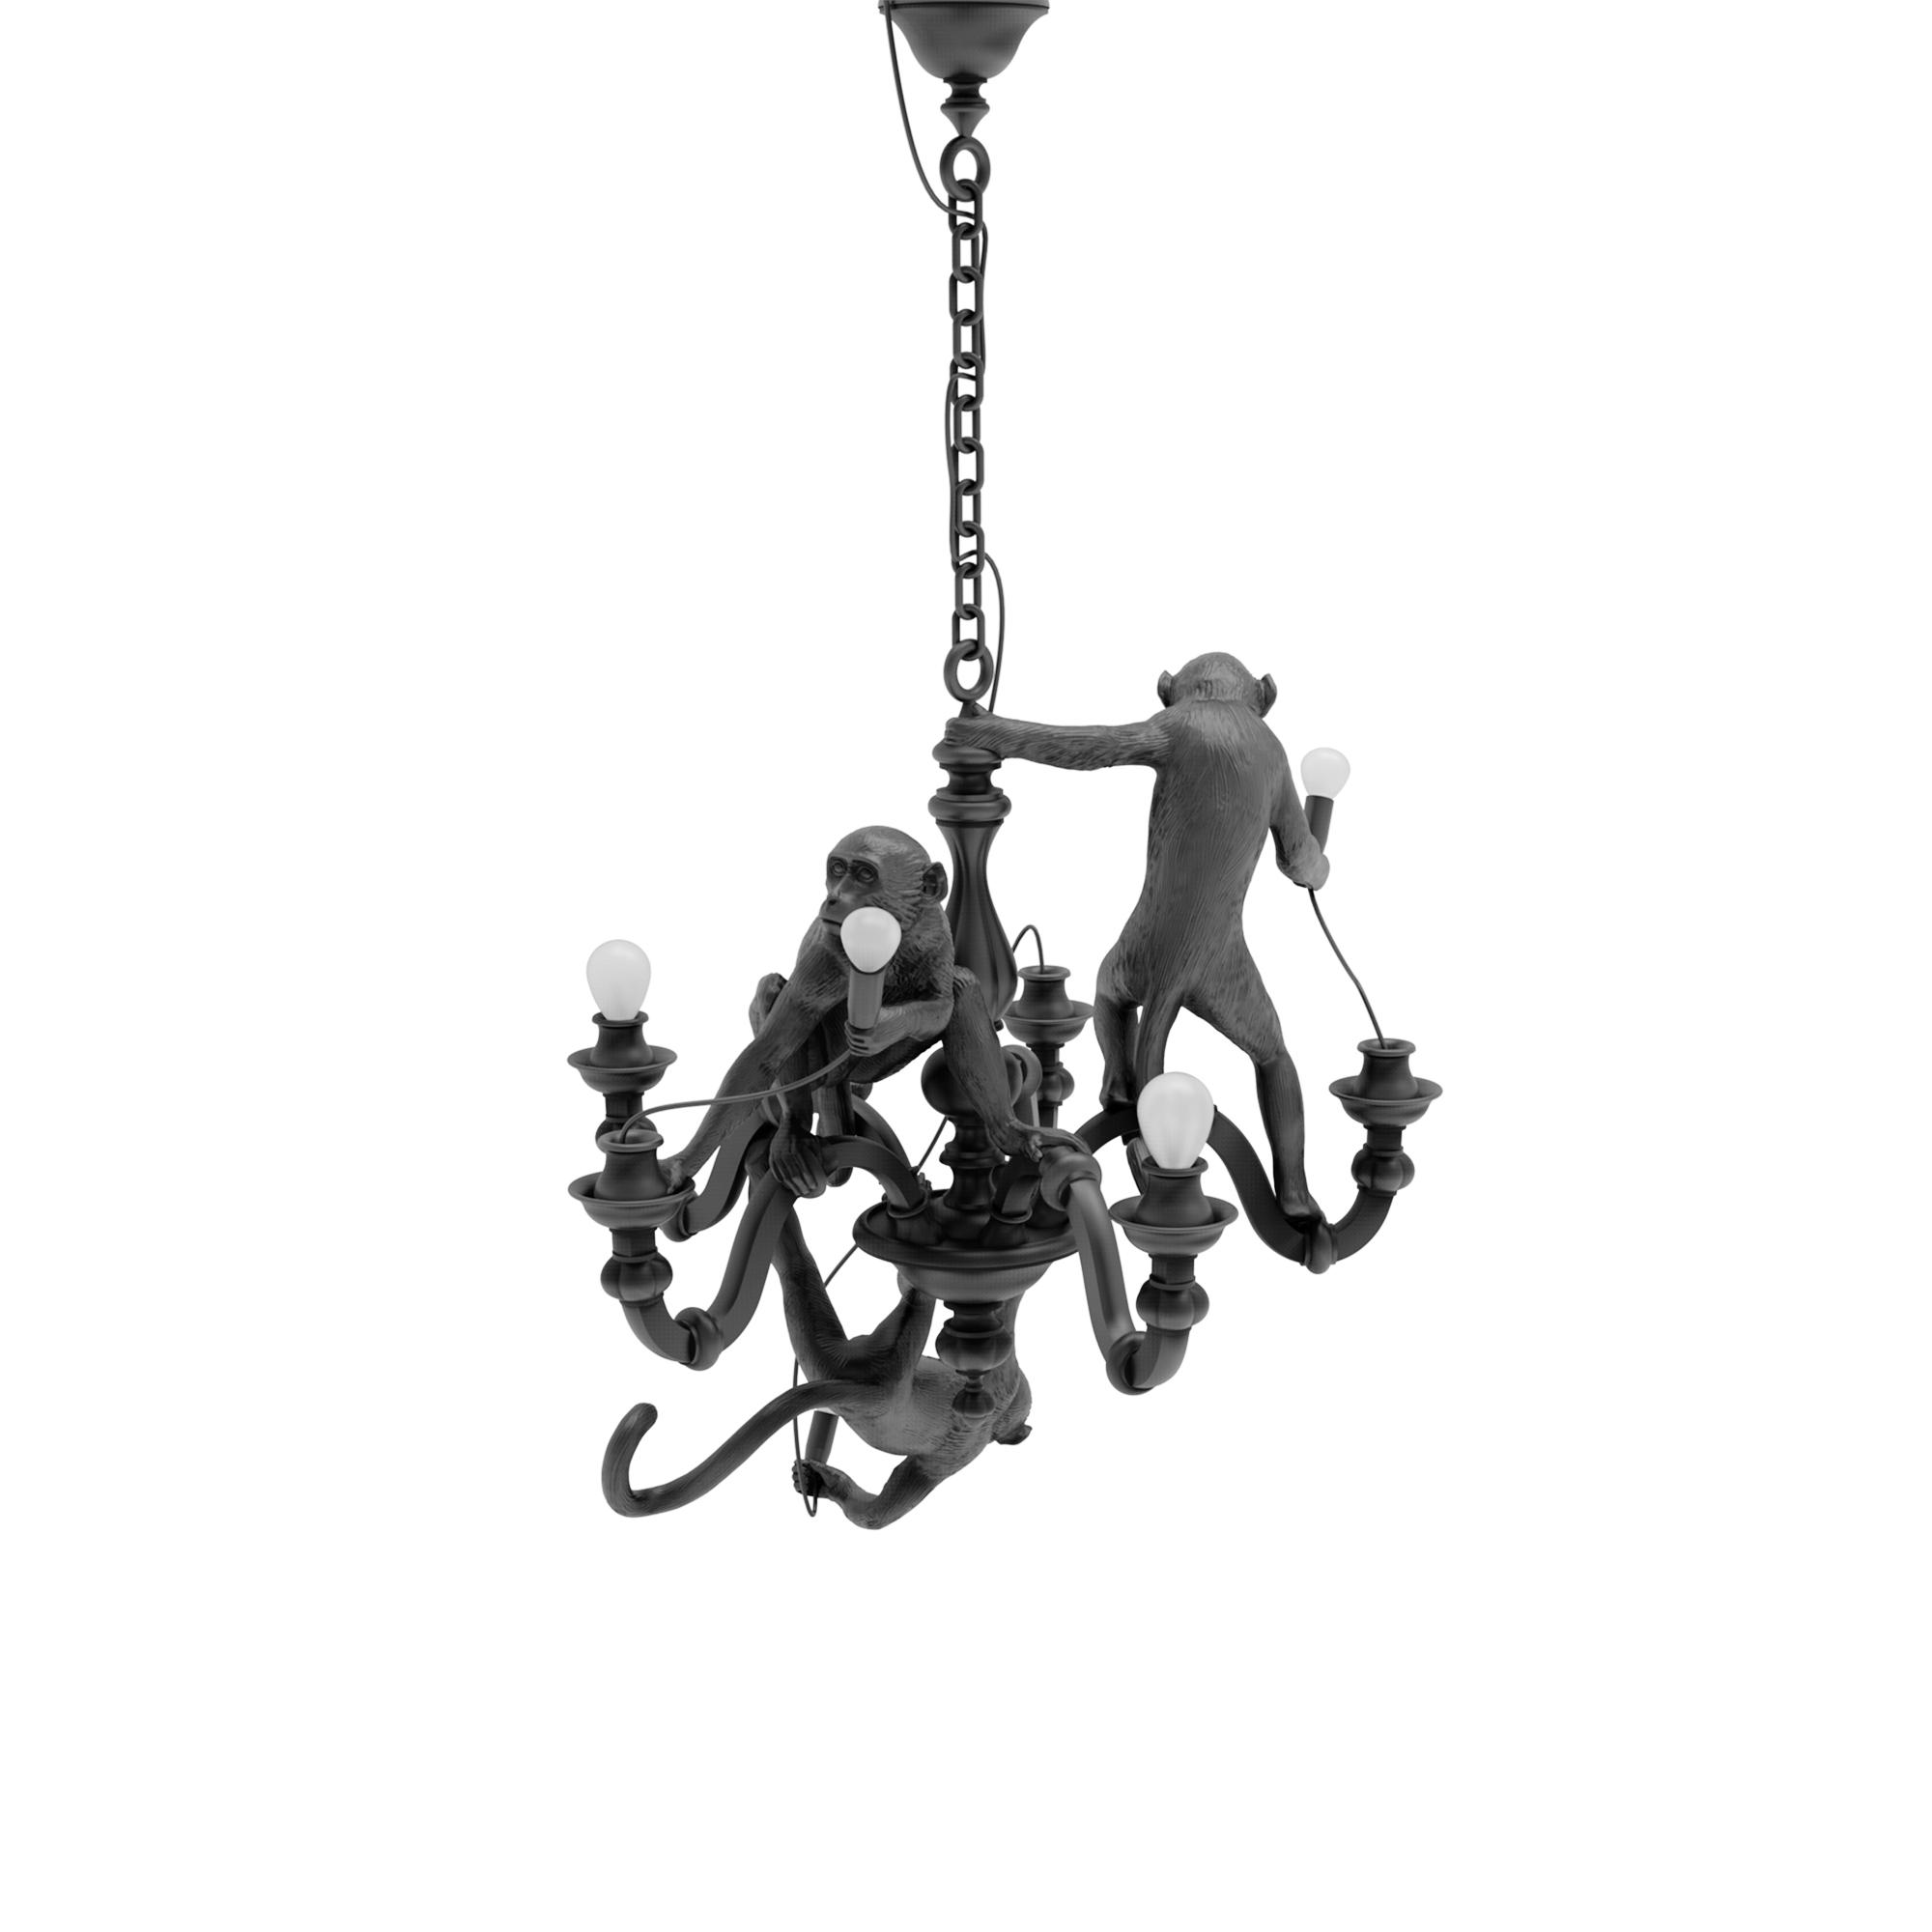 Monkey chandelier black